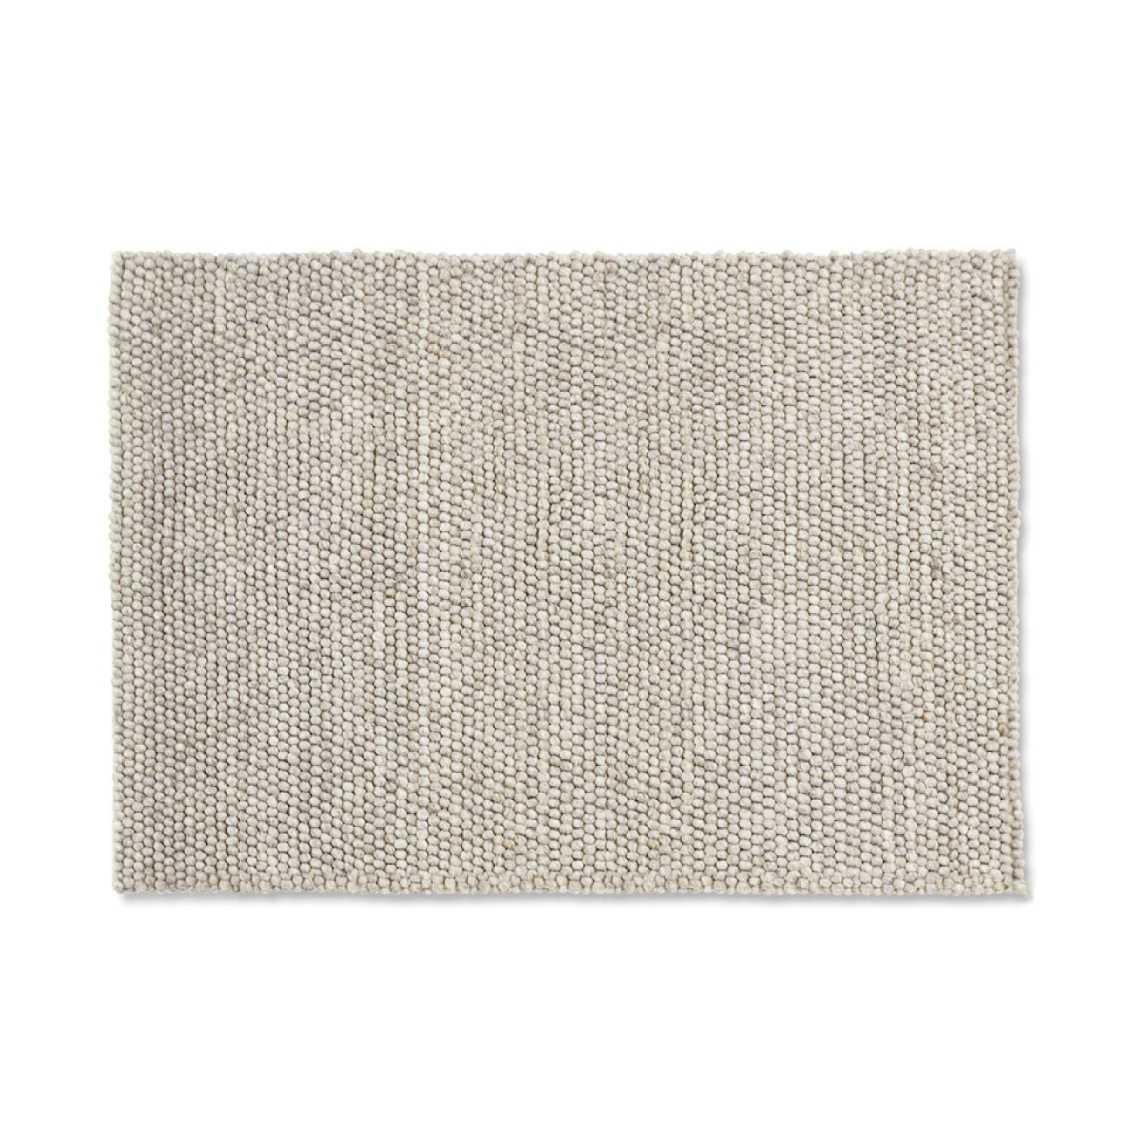 HAY Peas Karpet Vloerkleed 200 x 80 Licht Grijs